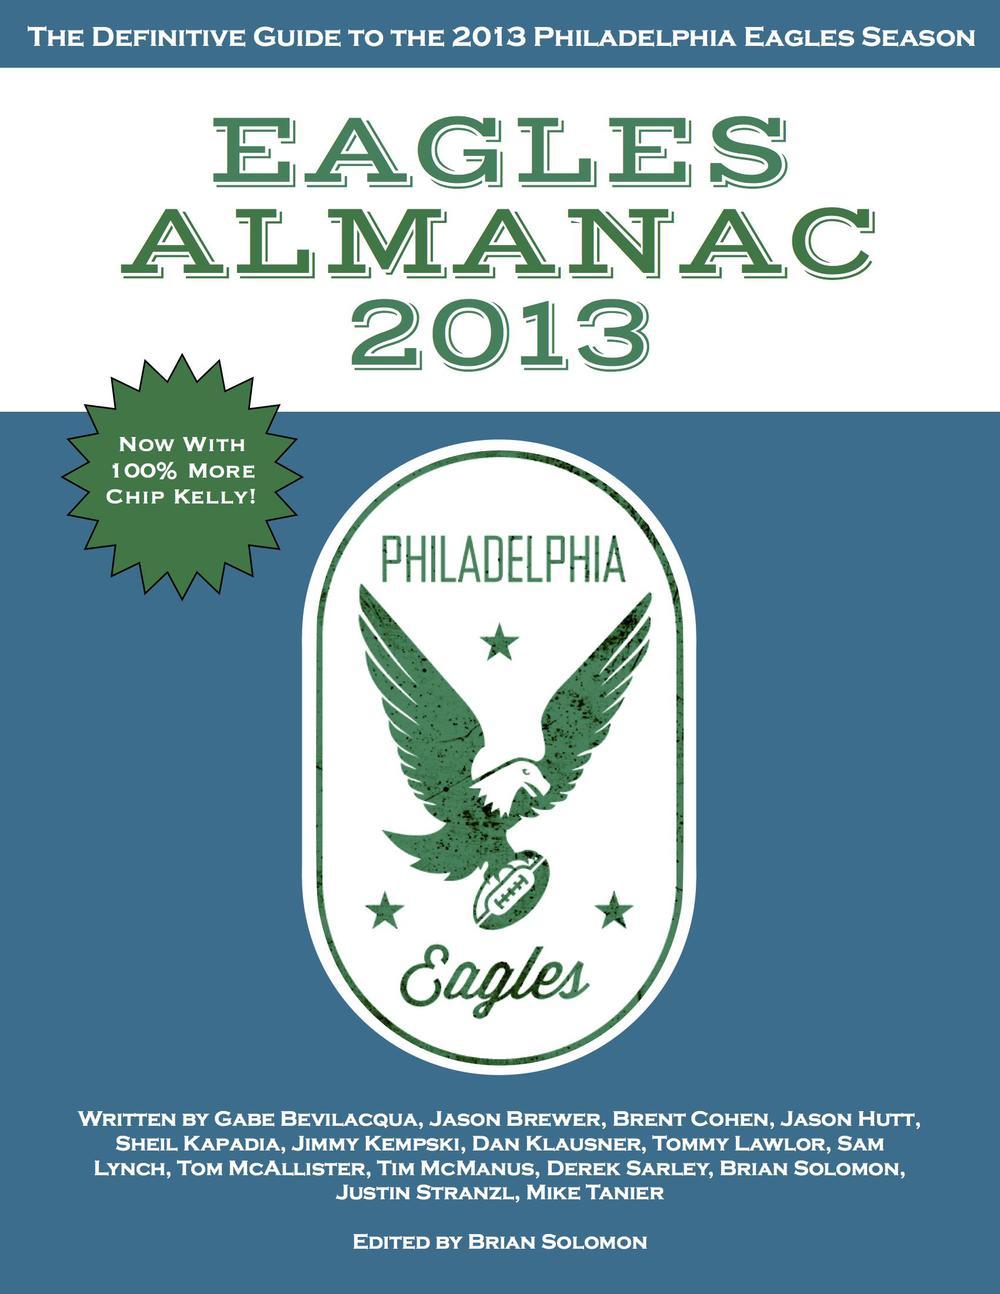 Eagles Almanac 2013 cover.jpg